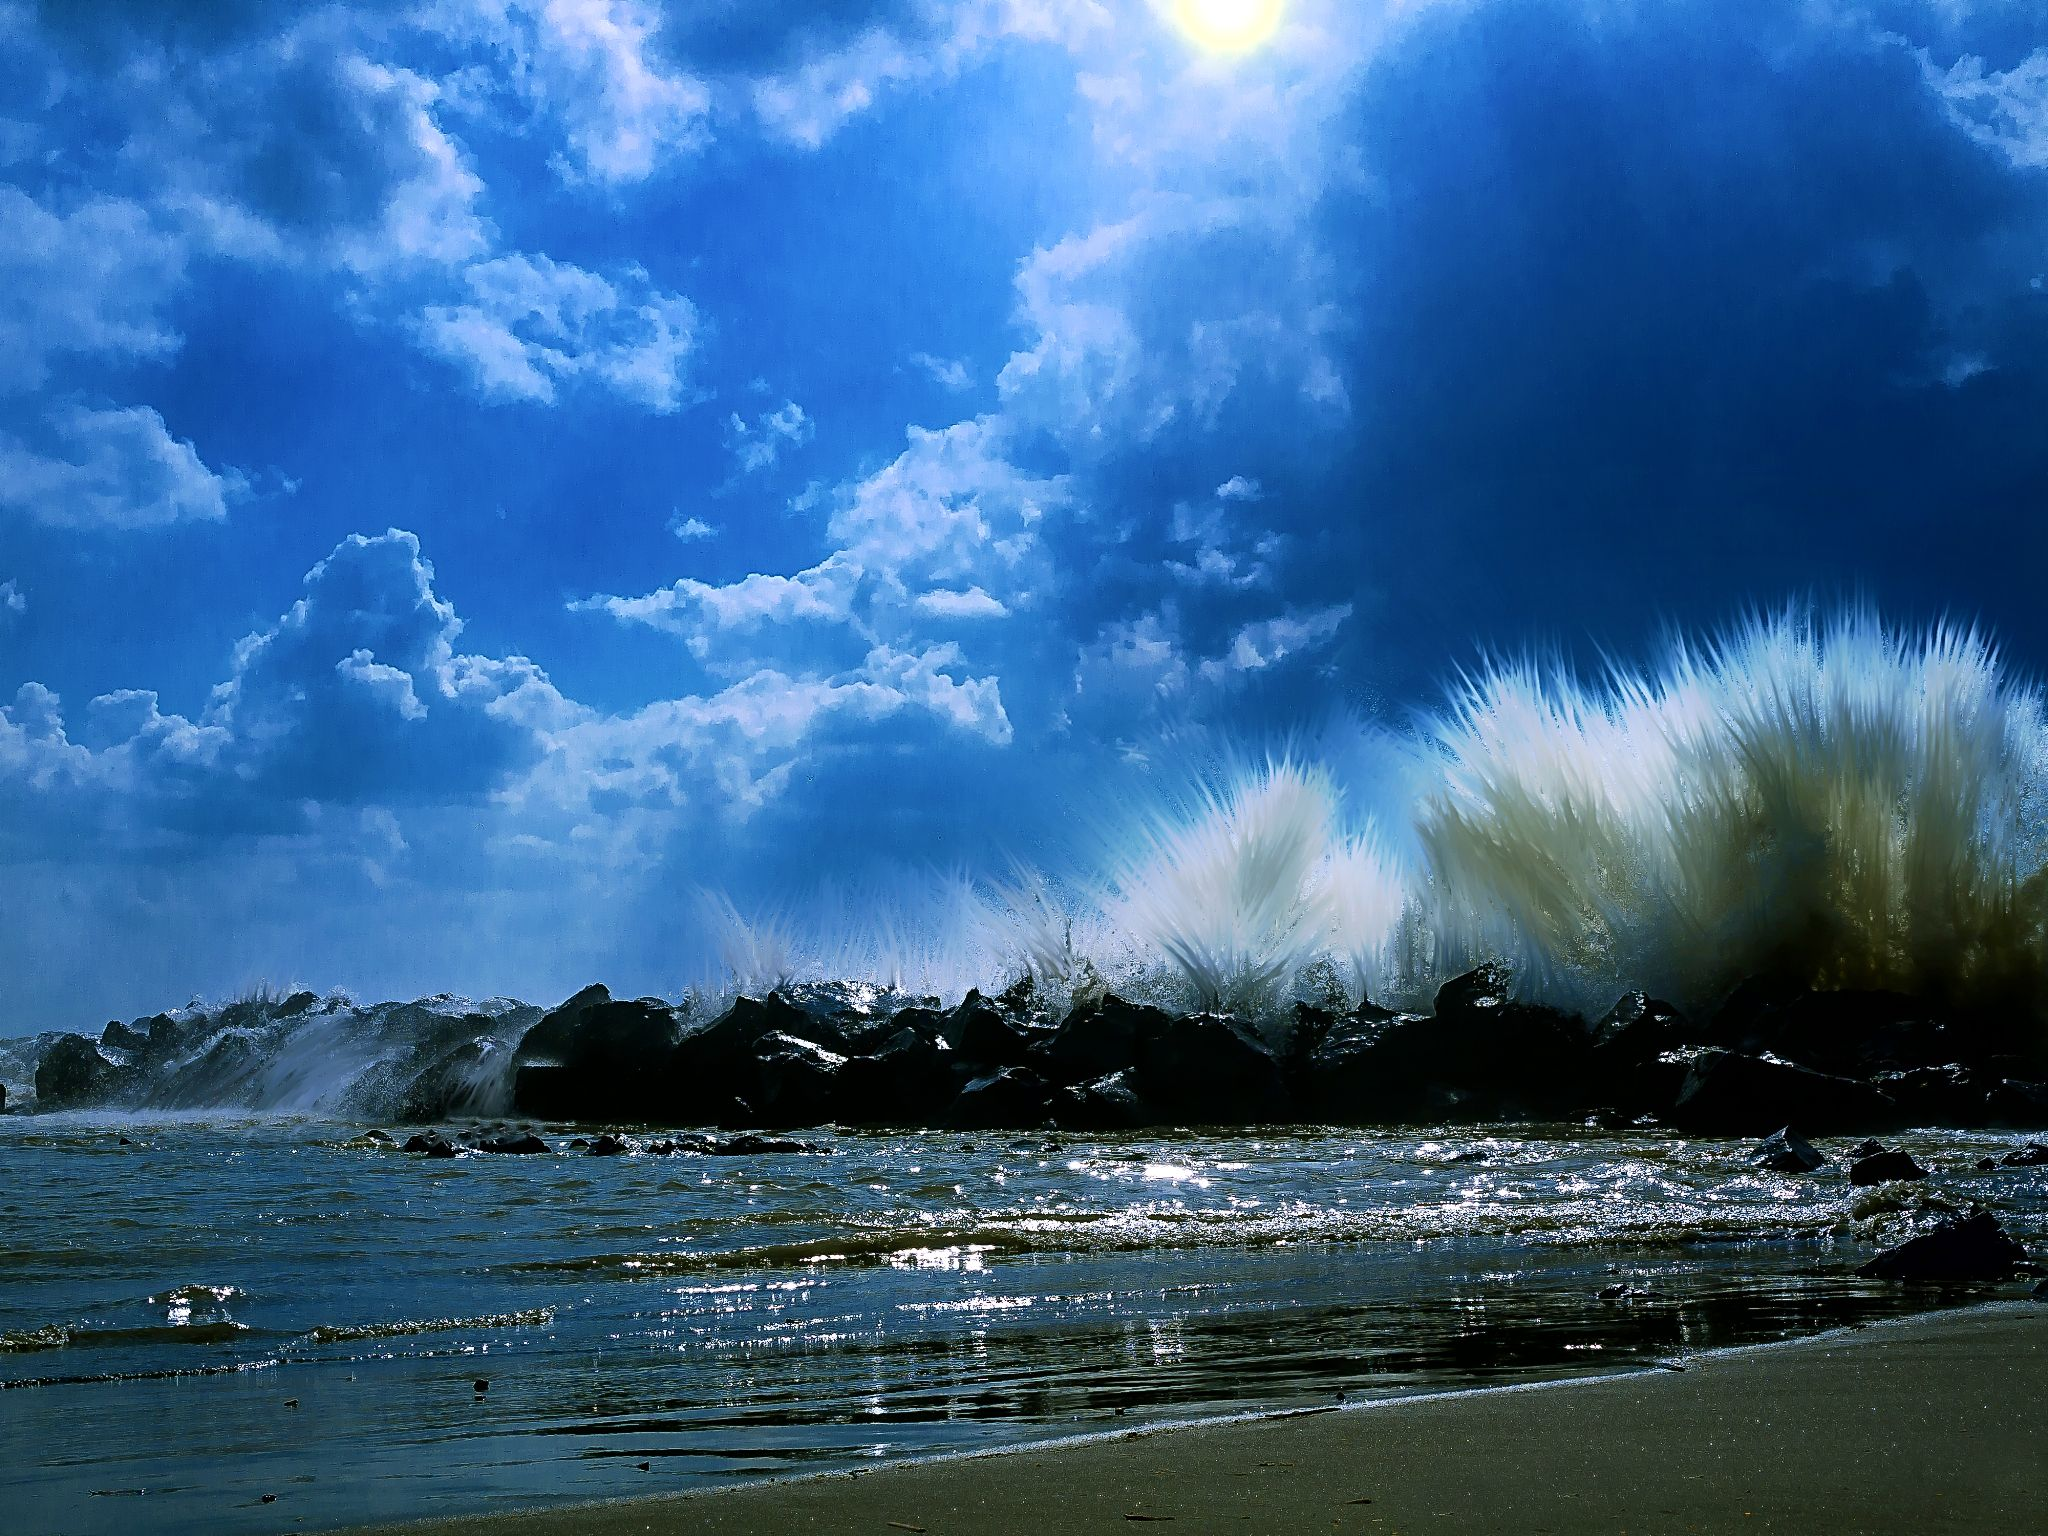 Seaside near Rome by David Owen